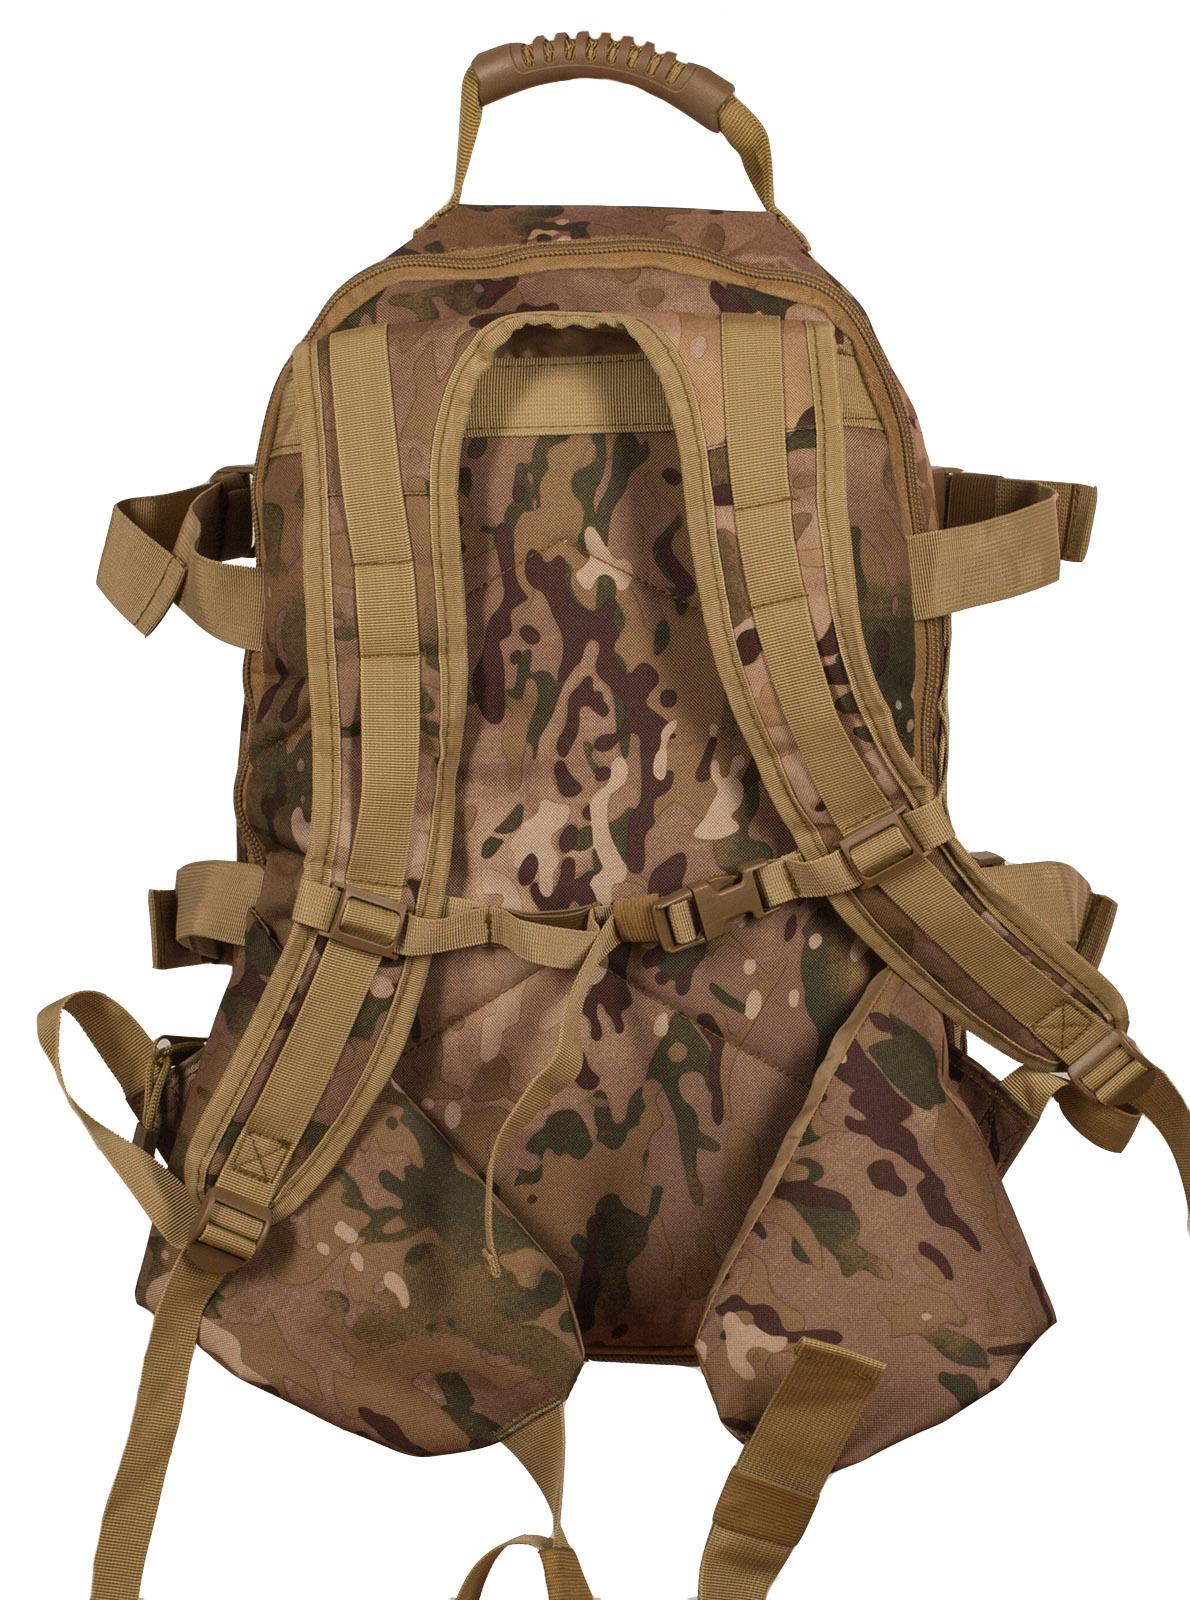 Тактический трехдневный рюкзак с нашивкой Пограничной службы - заказать по выгодной цене